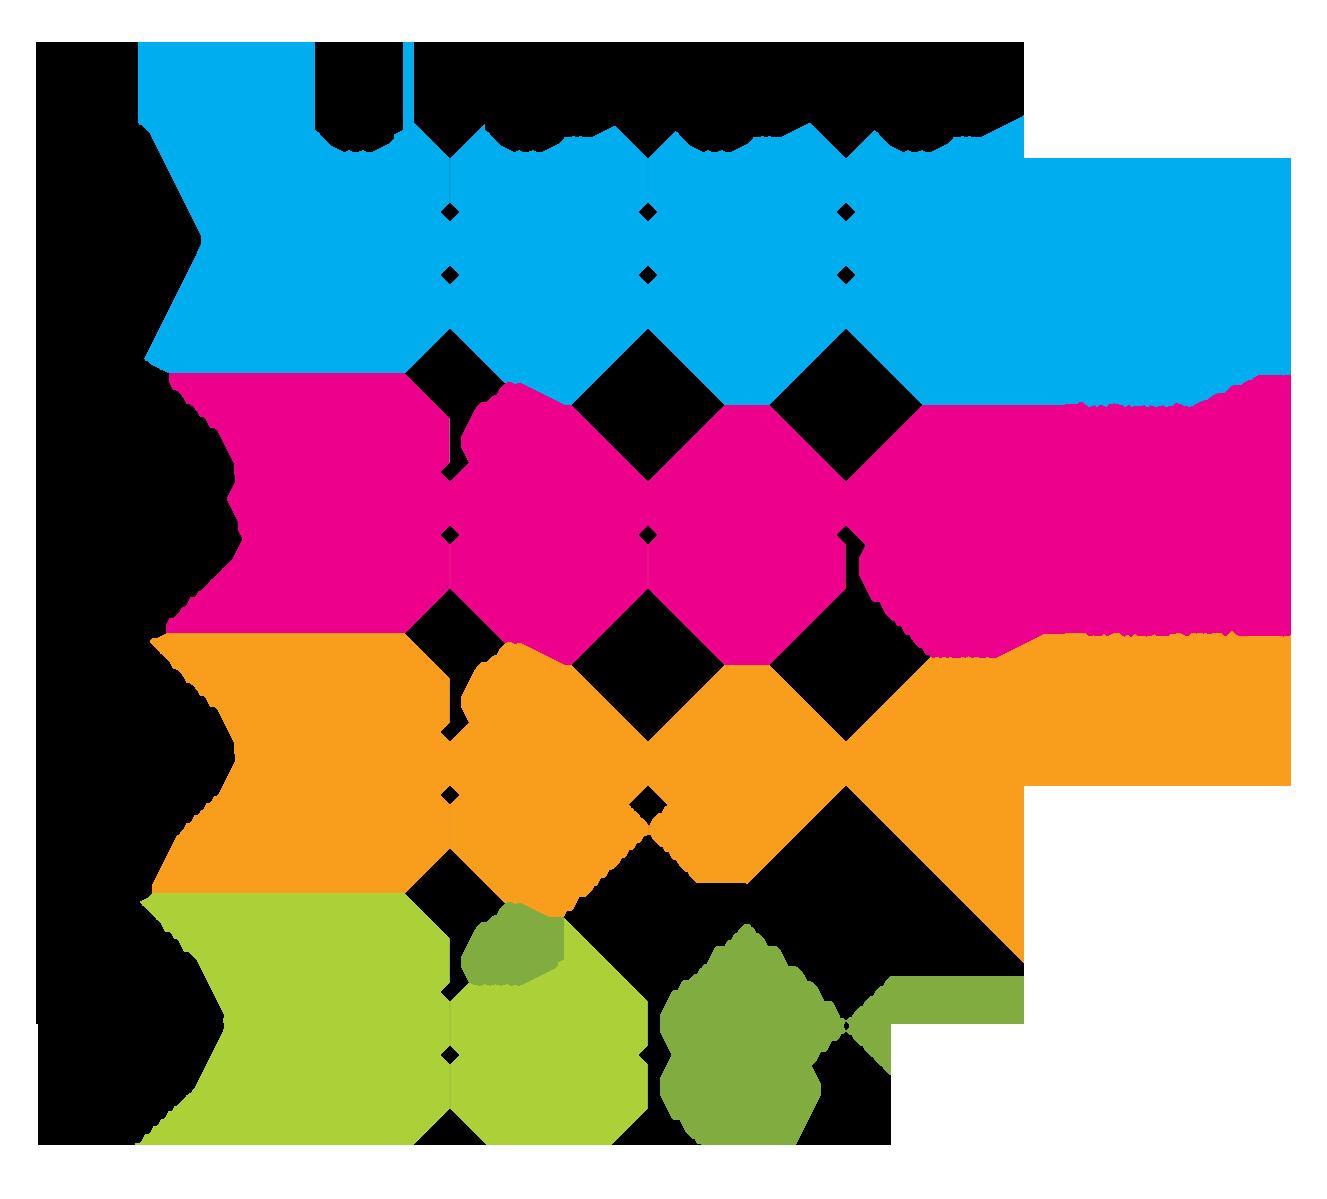 mobile cross-platform solutions comparison